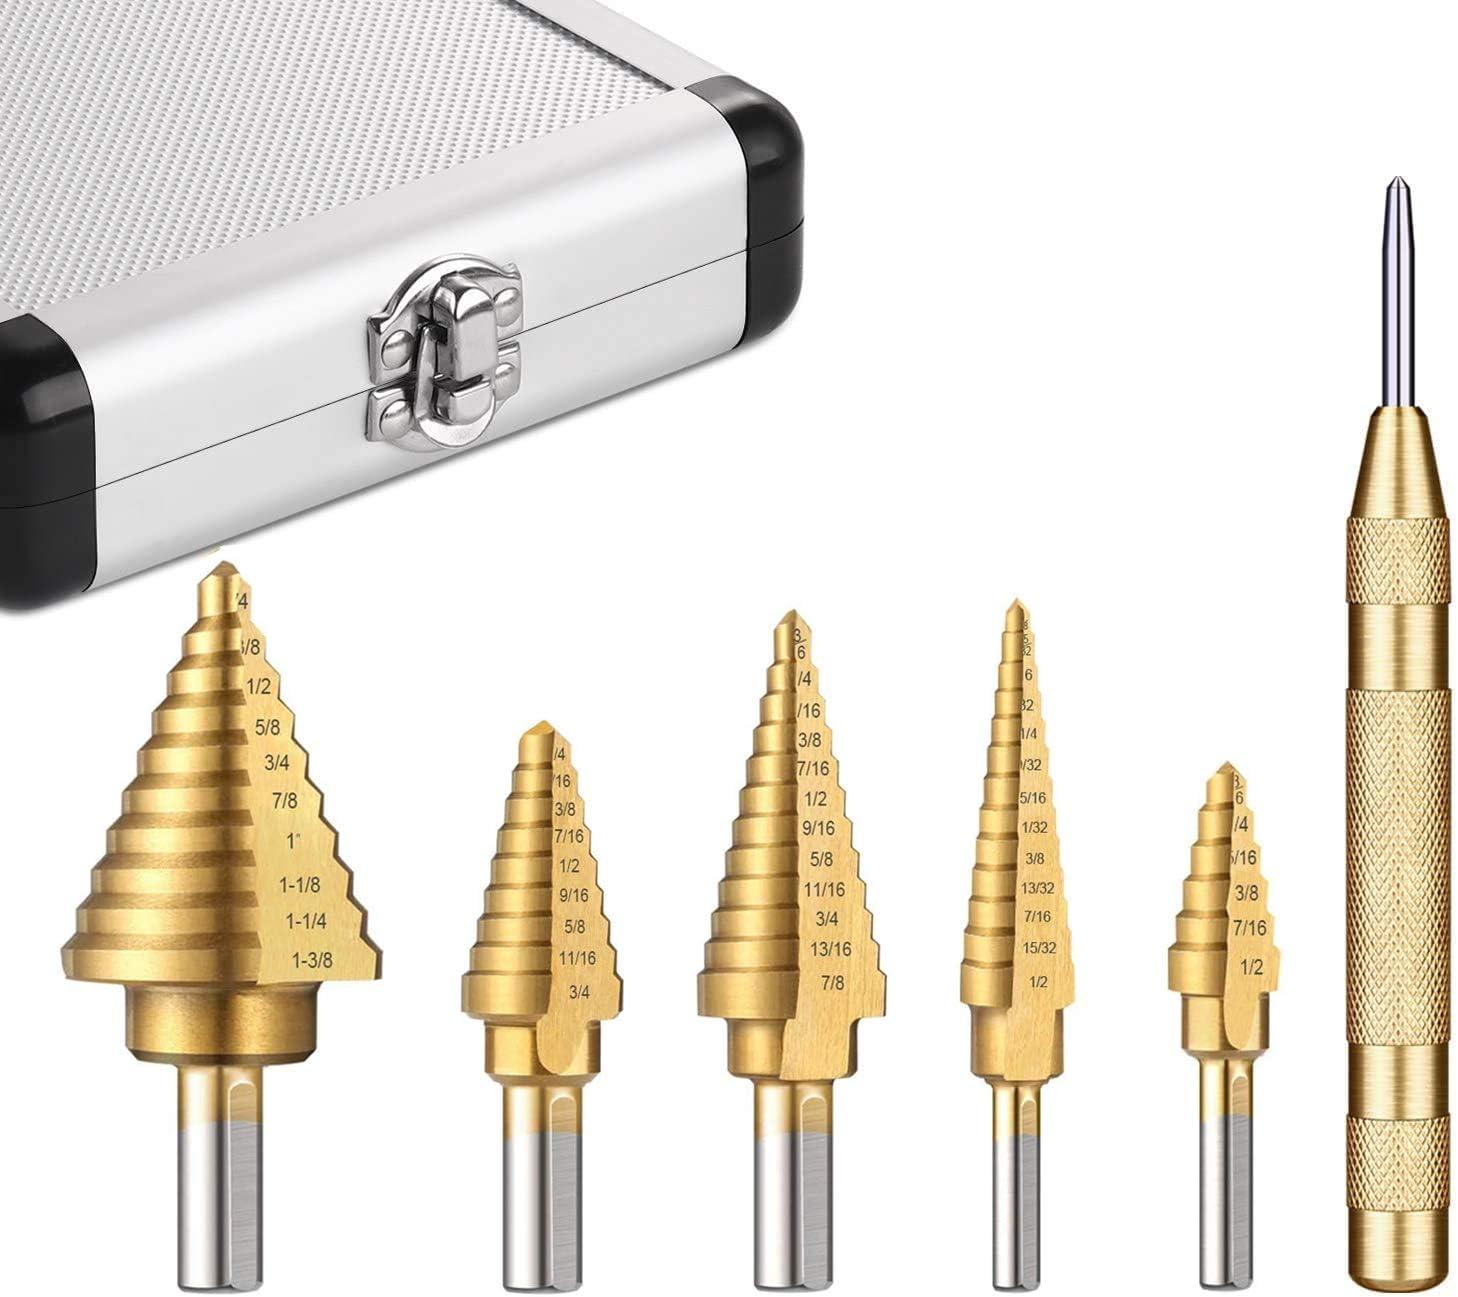 Akozon Schritt Bohrer Bit 1pc Schnellarbeitsstahl-Titan beschichtete Schritt-Bohrer 4mm-20mm gewundene Fl/öte dreieckiger Schaft-Bohrger/ät,HSS Profi Pagoda Stufenbohrer Set Step Drill Bit